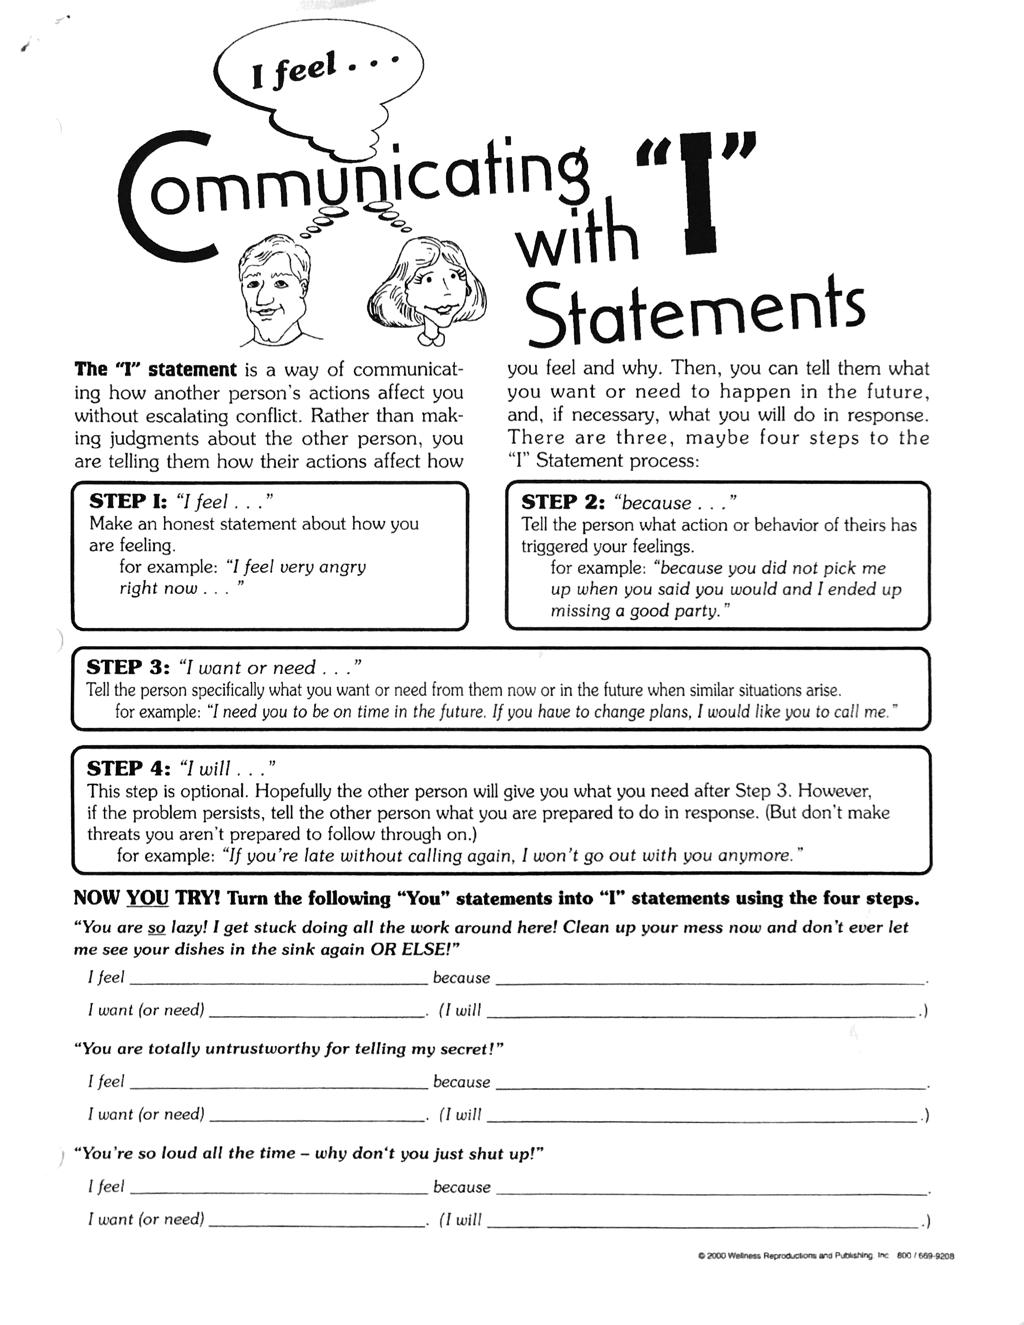 I Feel Communication Worksheet